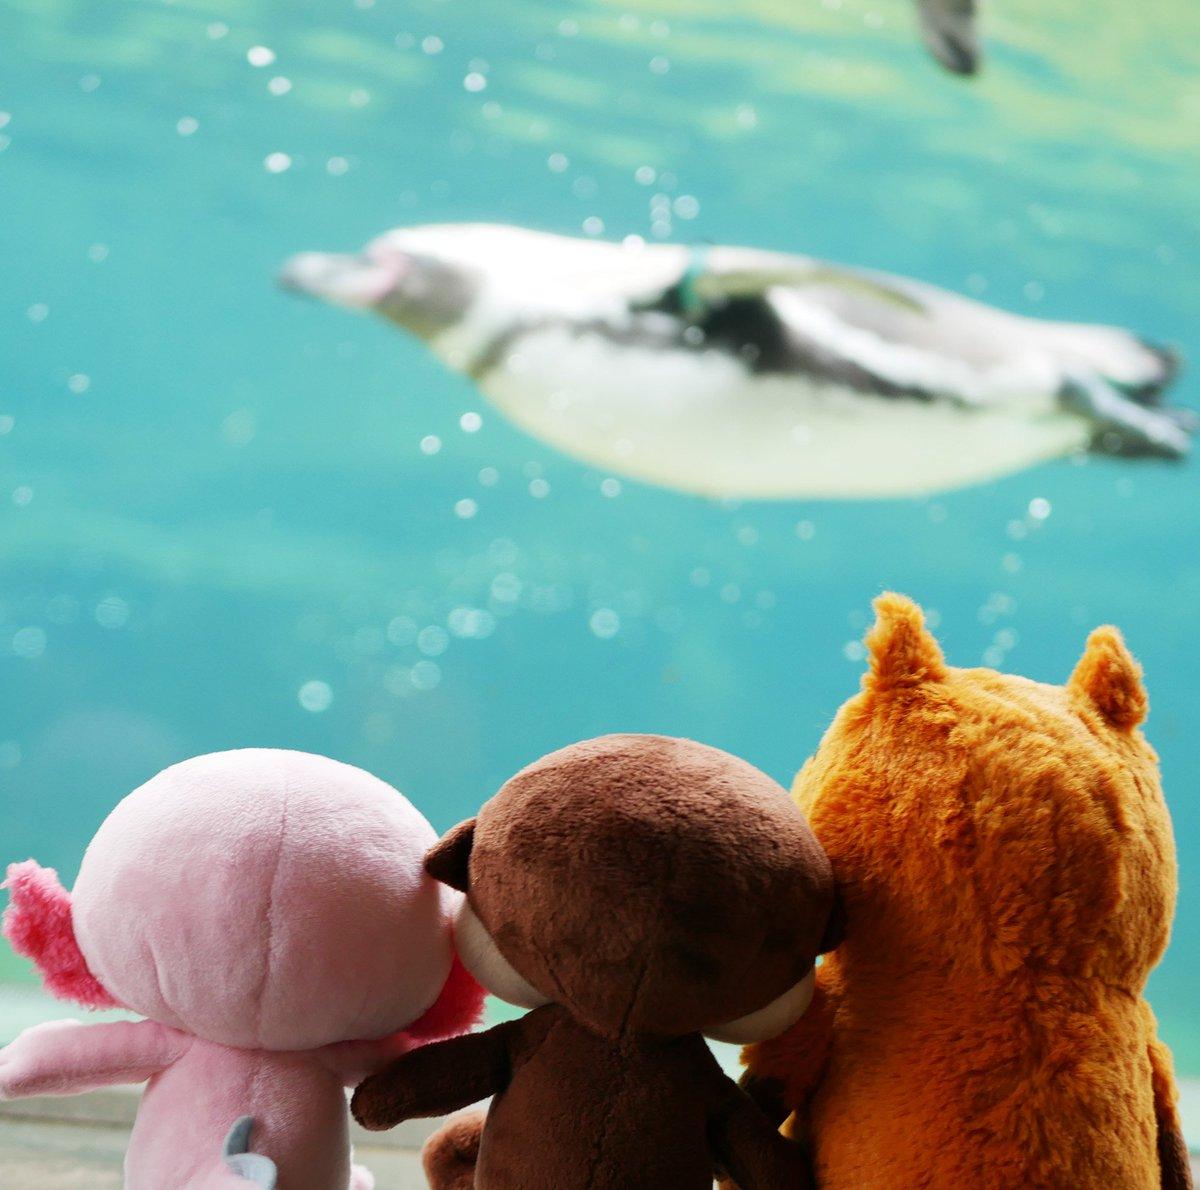 泳ぐの上手〜!🐧🏊 ♀ みずべくらぶ くらぶ